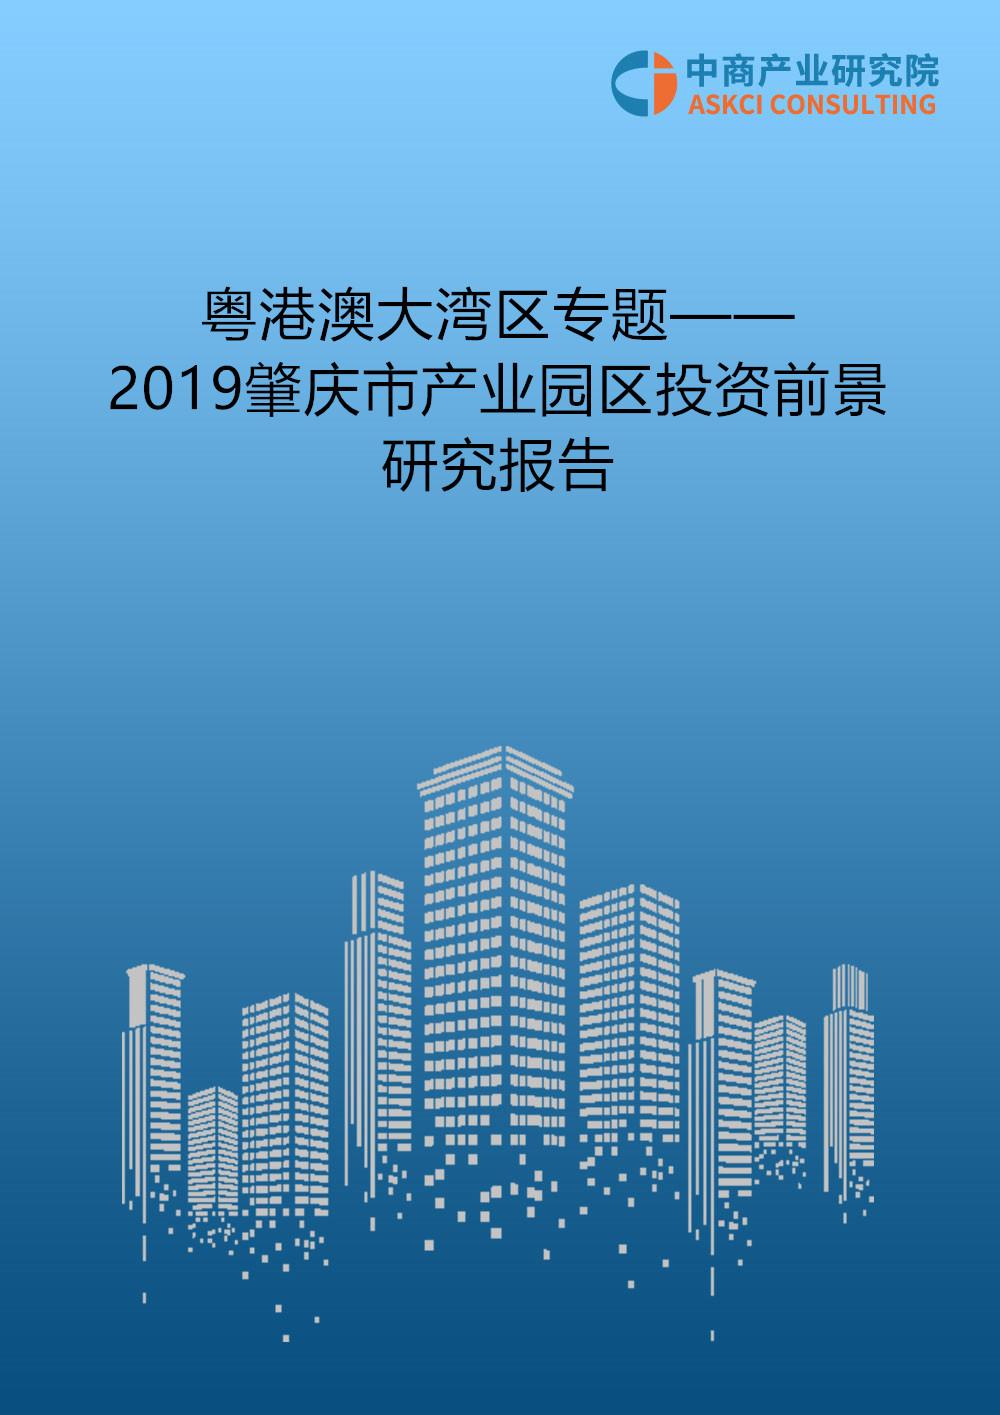 粤港澳大湾区专题——2019肇庆市产业园区投资前景研究报告